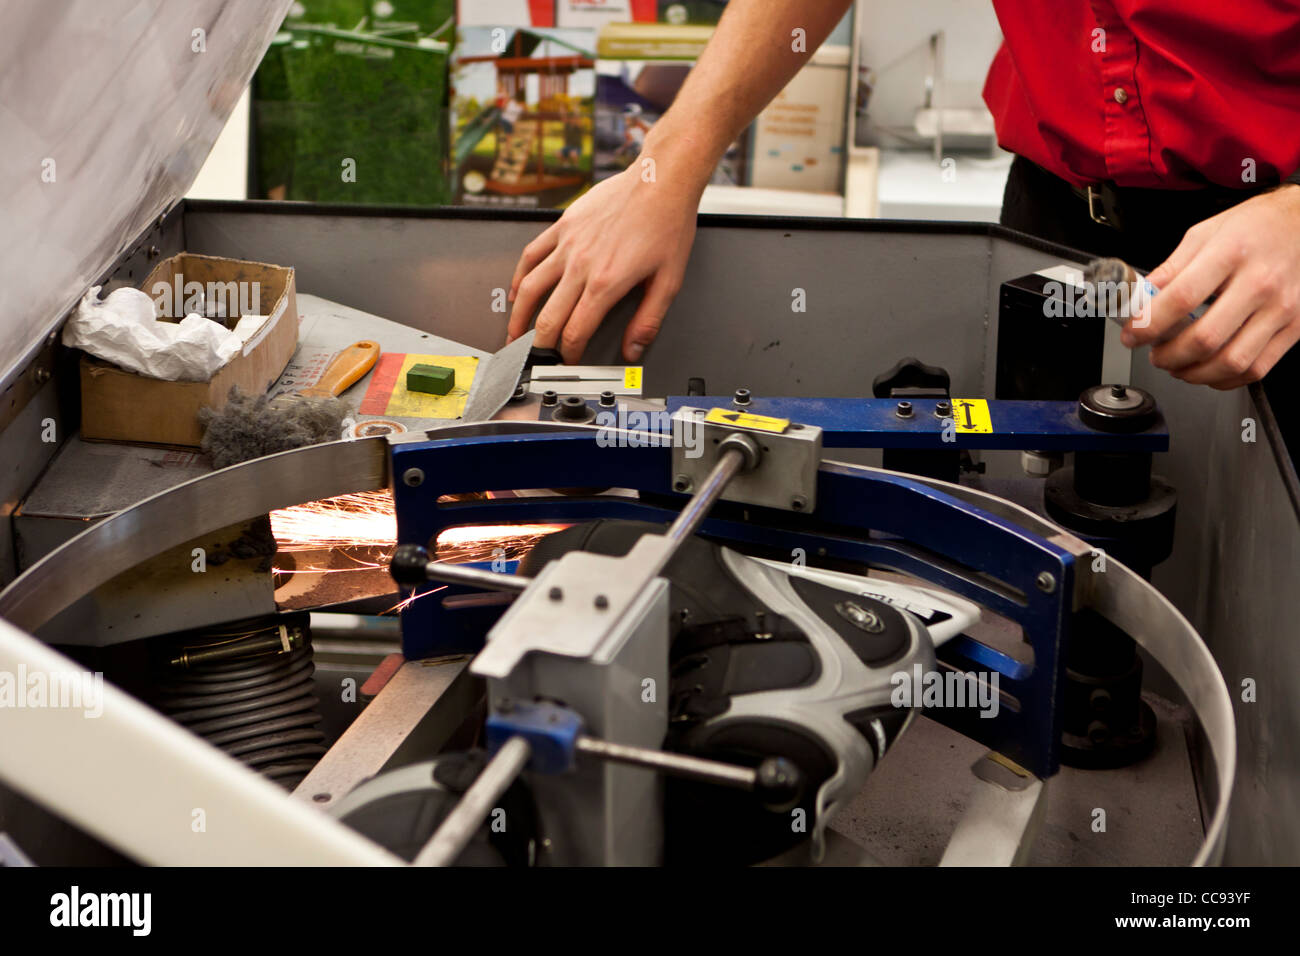 Ice skate sharpening machine - Stock Image